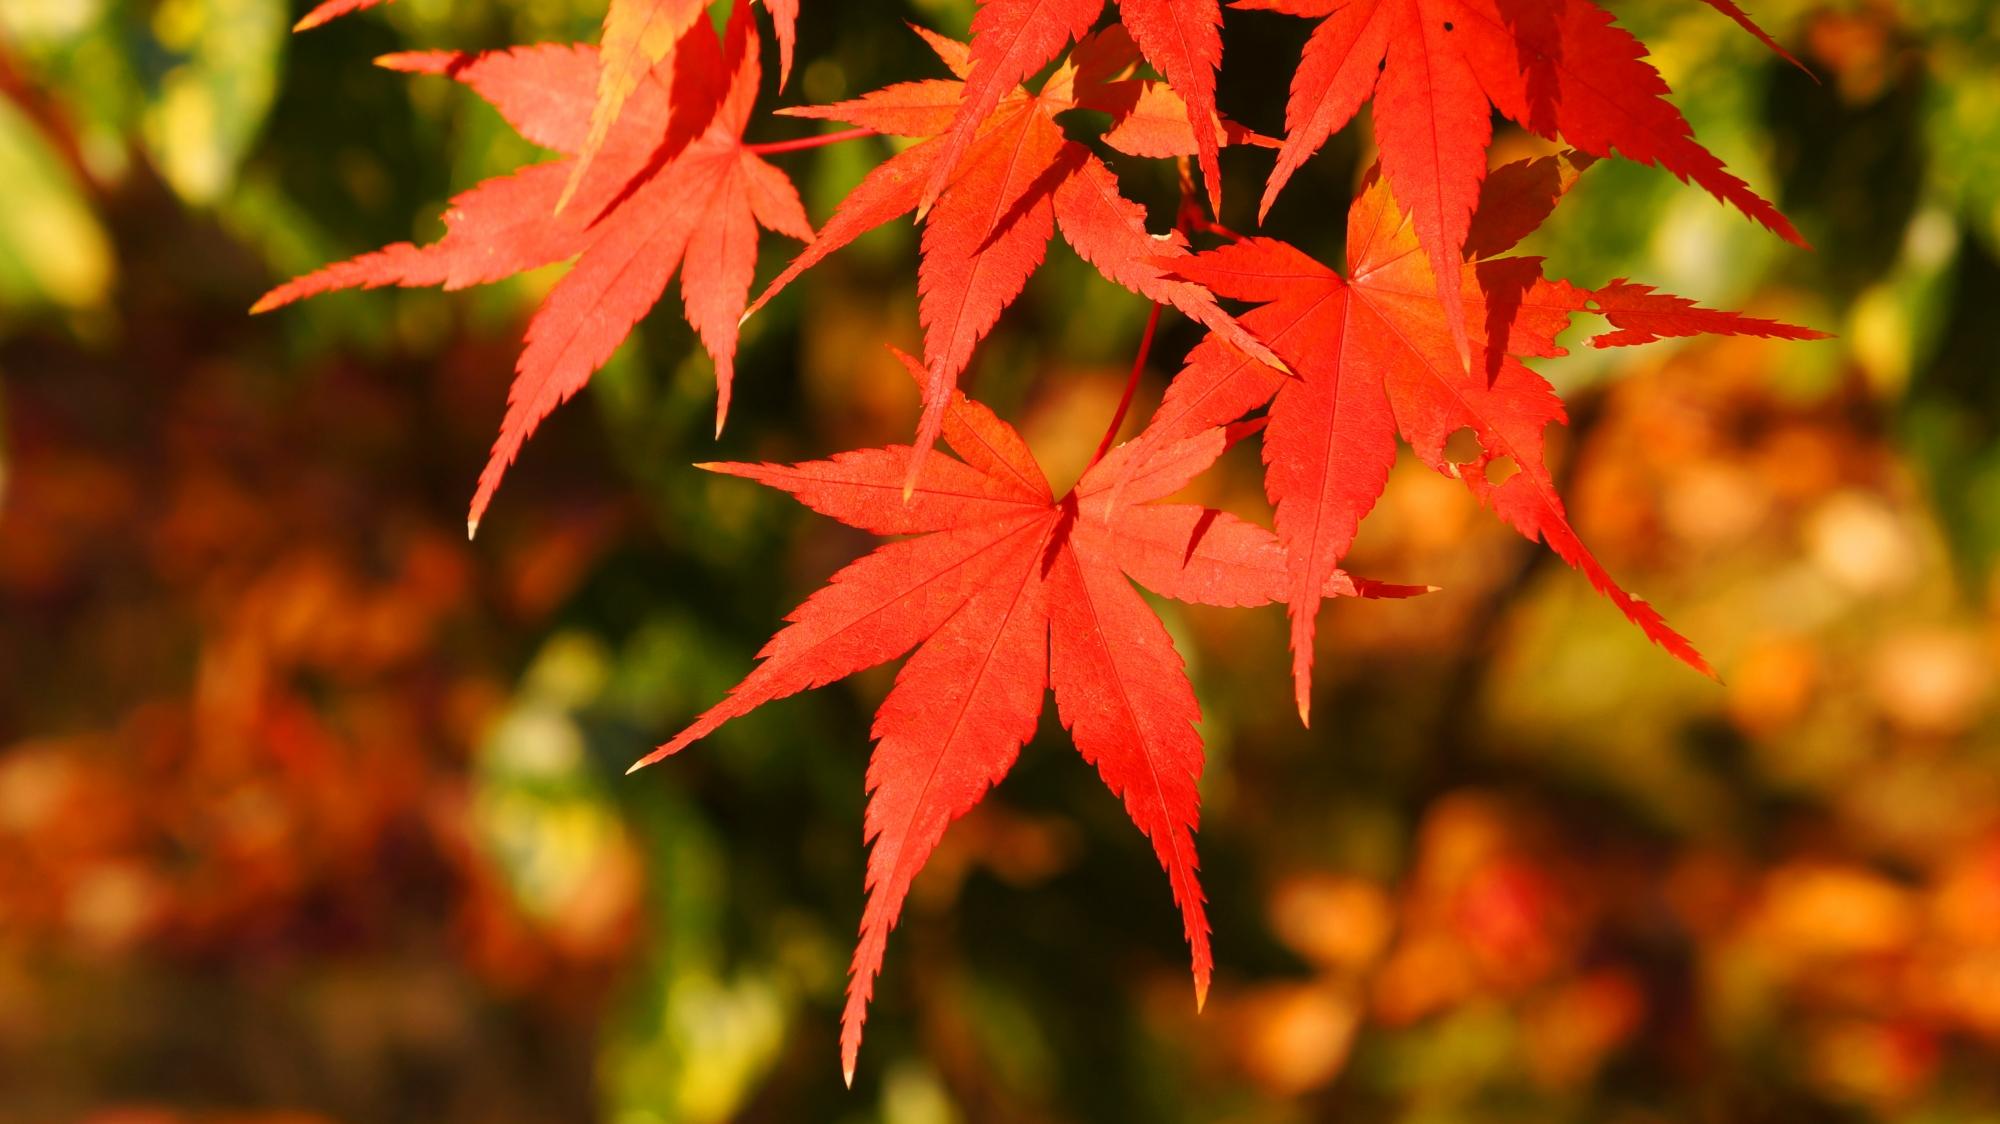 これぞ秋の紅葉と言うような綺麗な紅葉